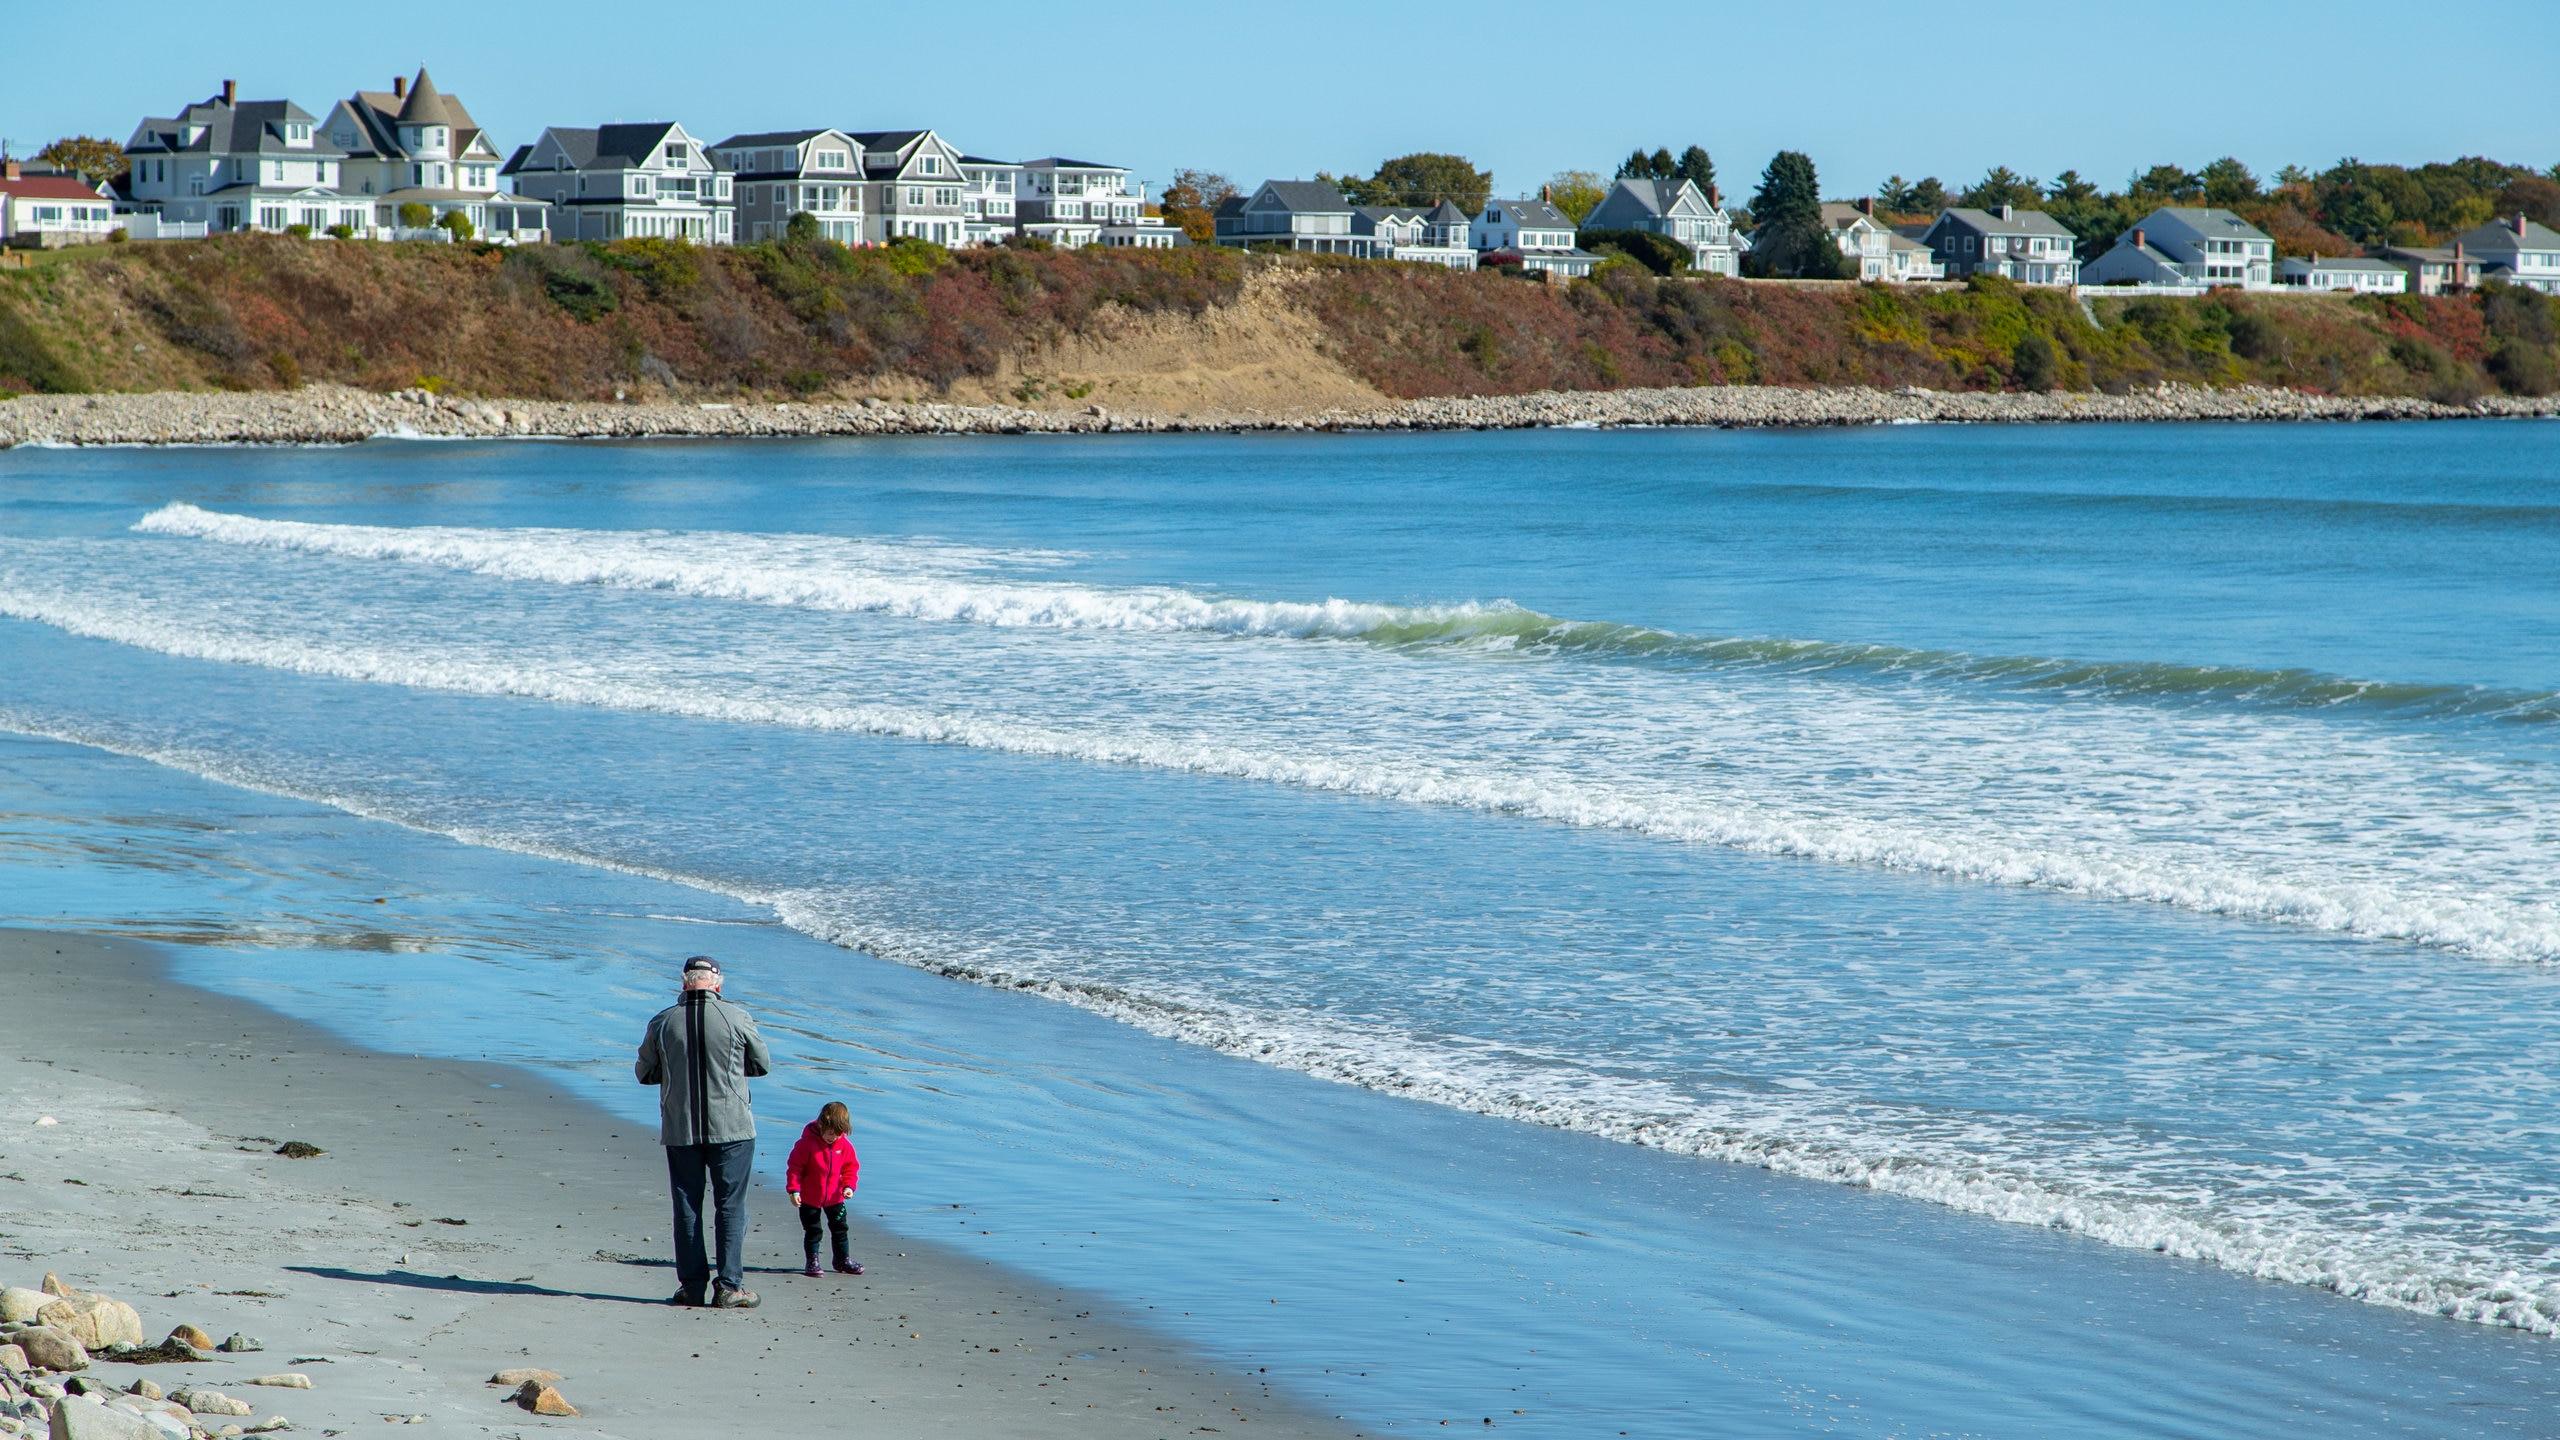 York Beach, Maine, United States of America